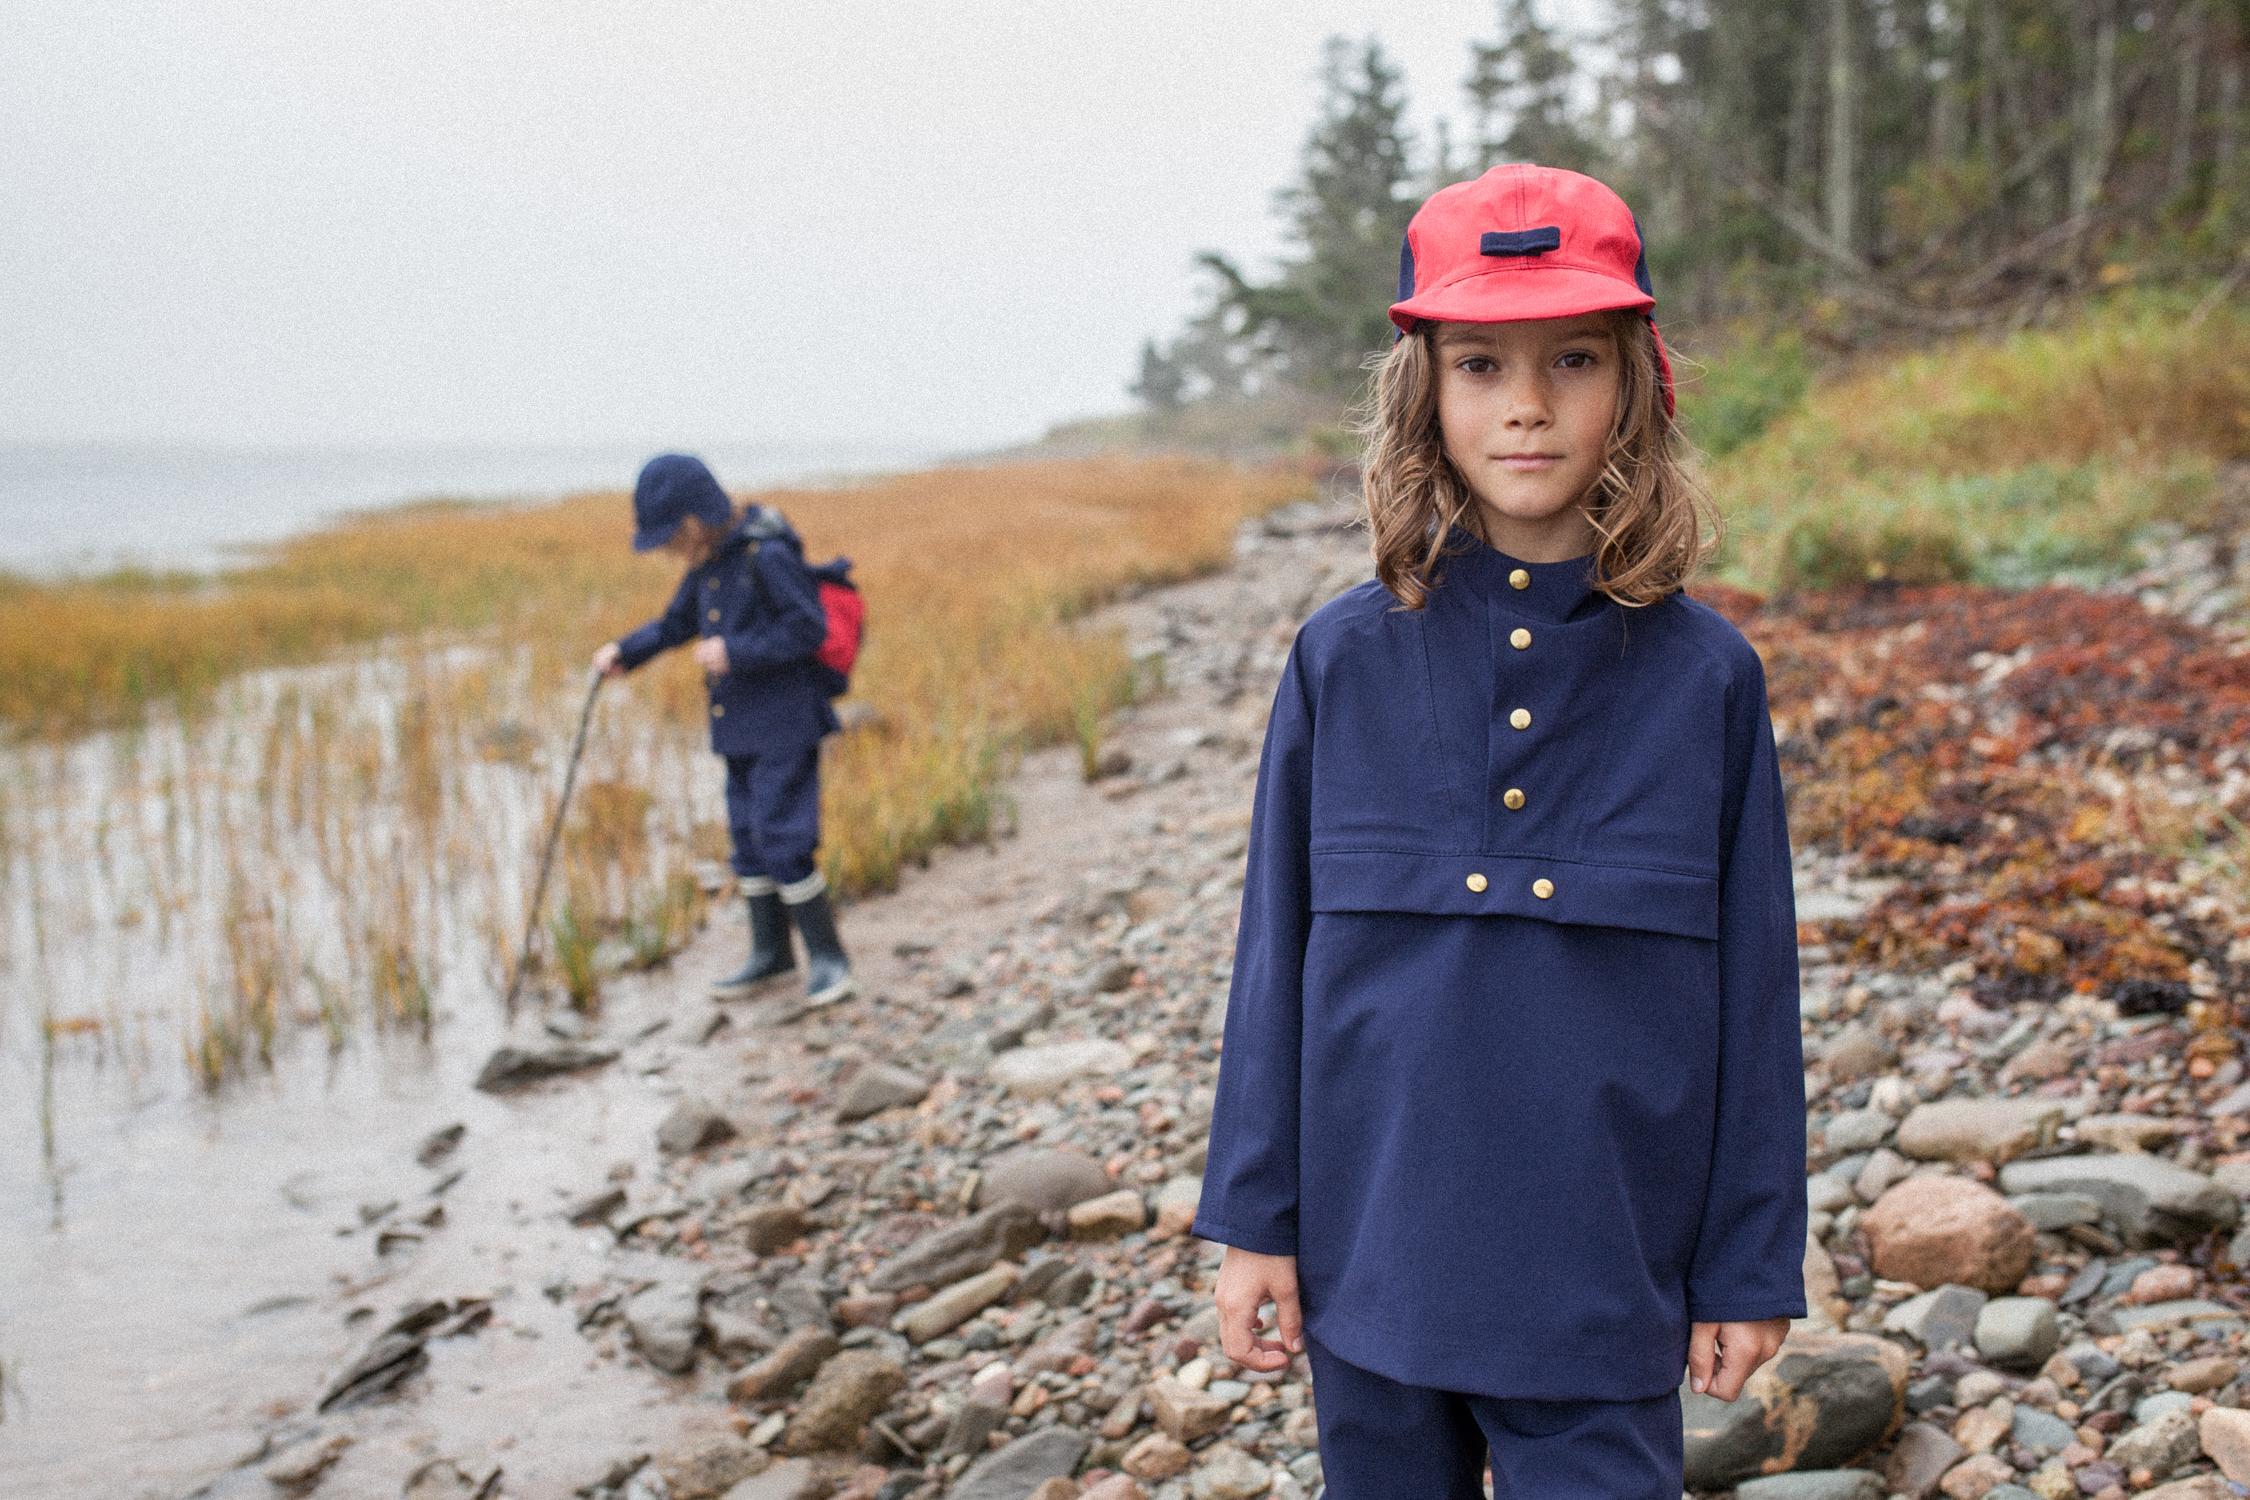 juniors-anorak-jacket-with-childrens-rain-hats.jpg